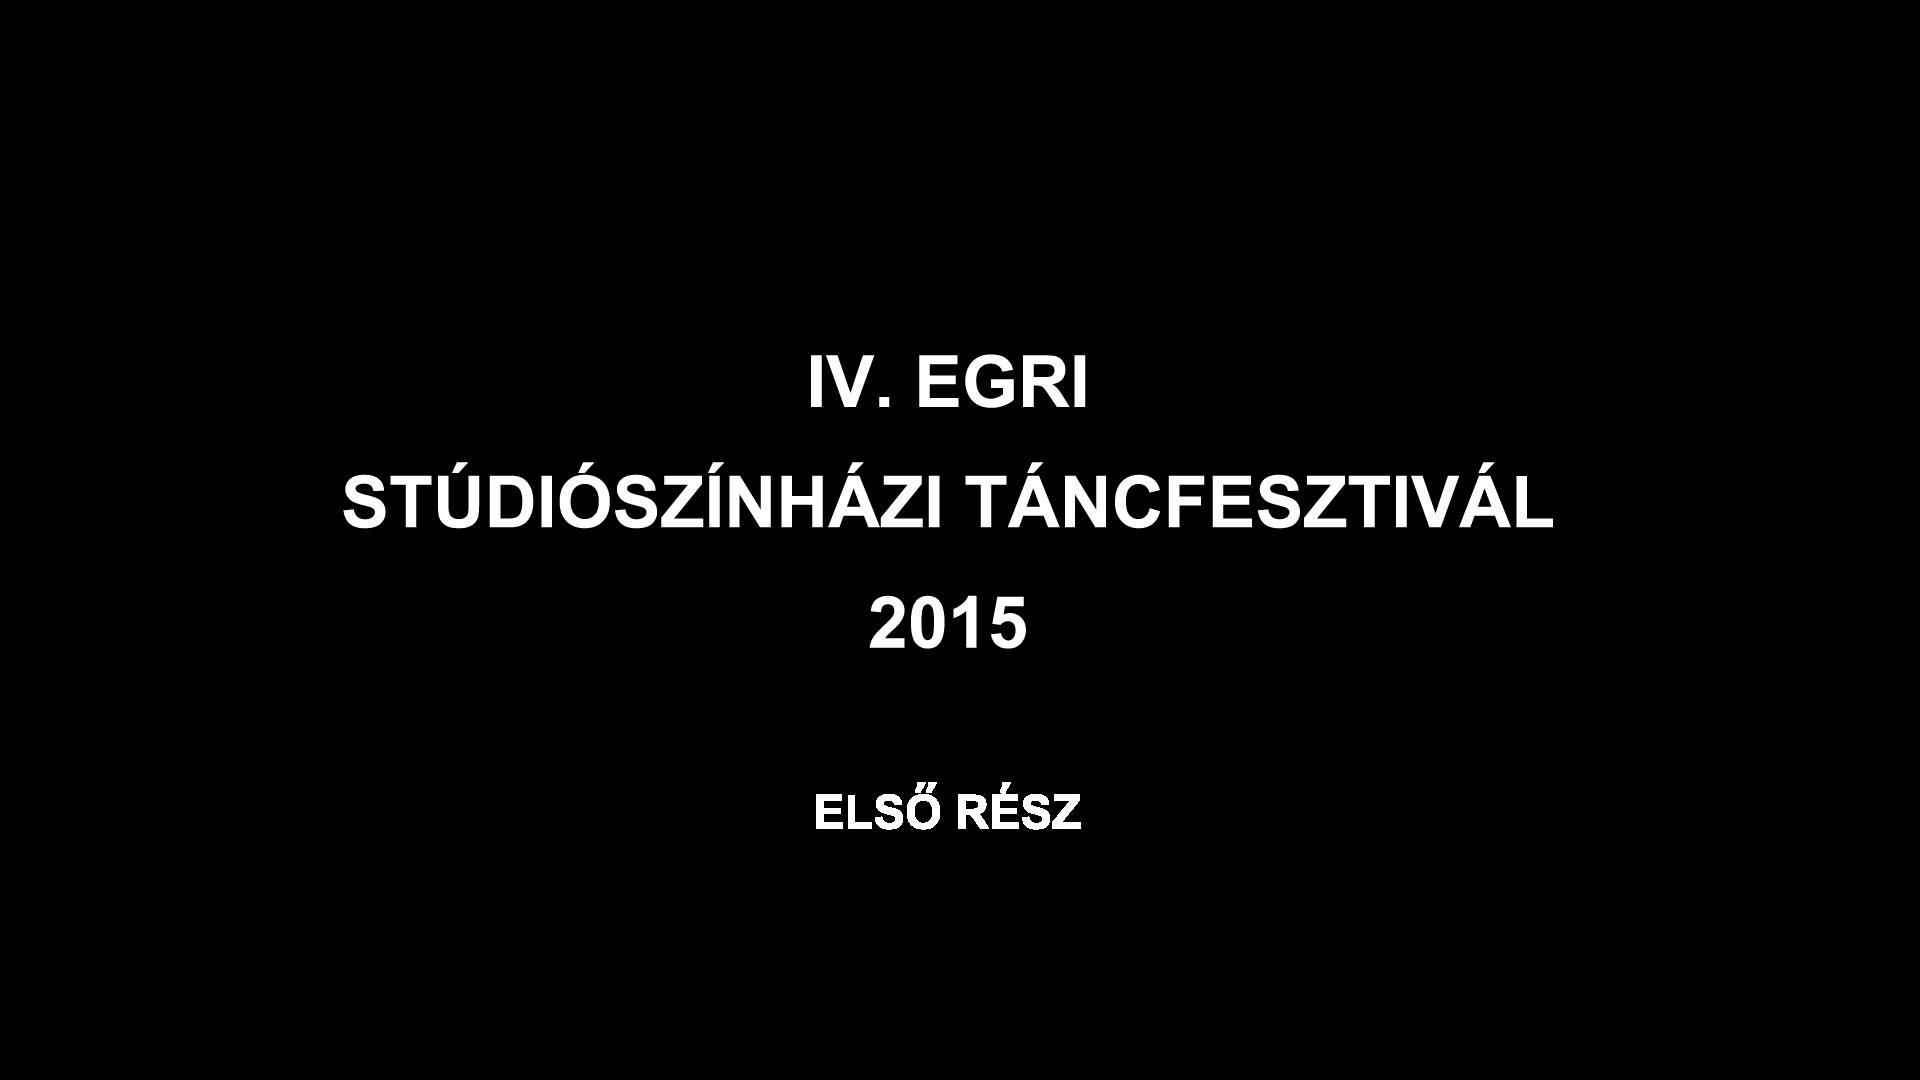 IV. Egri Stúdiószínházi Táncfesztivál - 1. rész